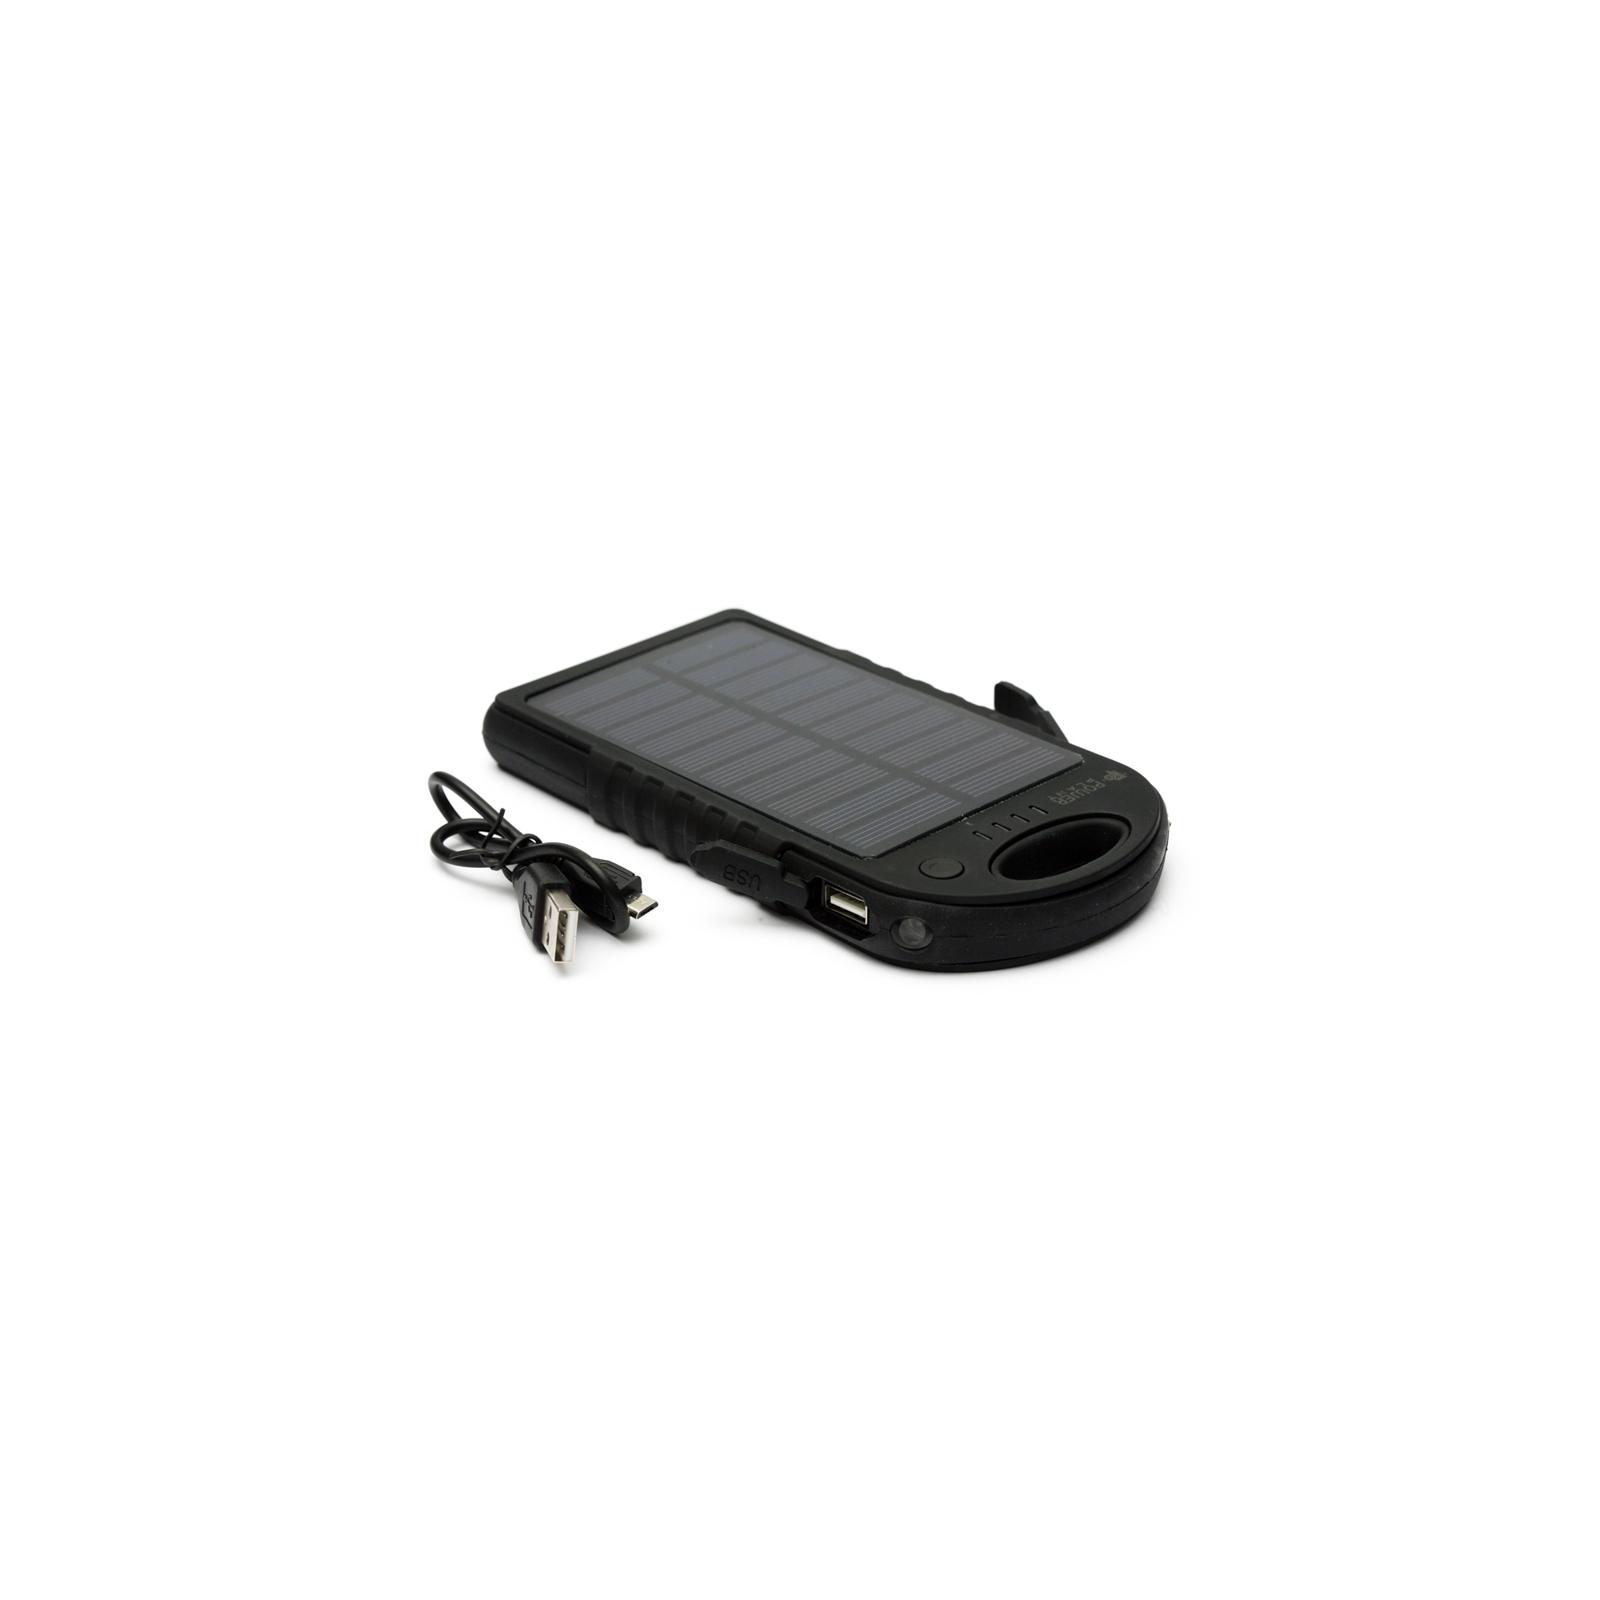 Батарея универсальная PowerPlant PB-LA9267 12000mAh 1*USB/1A 1*USB/2A (PPLA9267) изображение 2